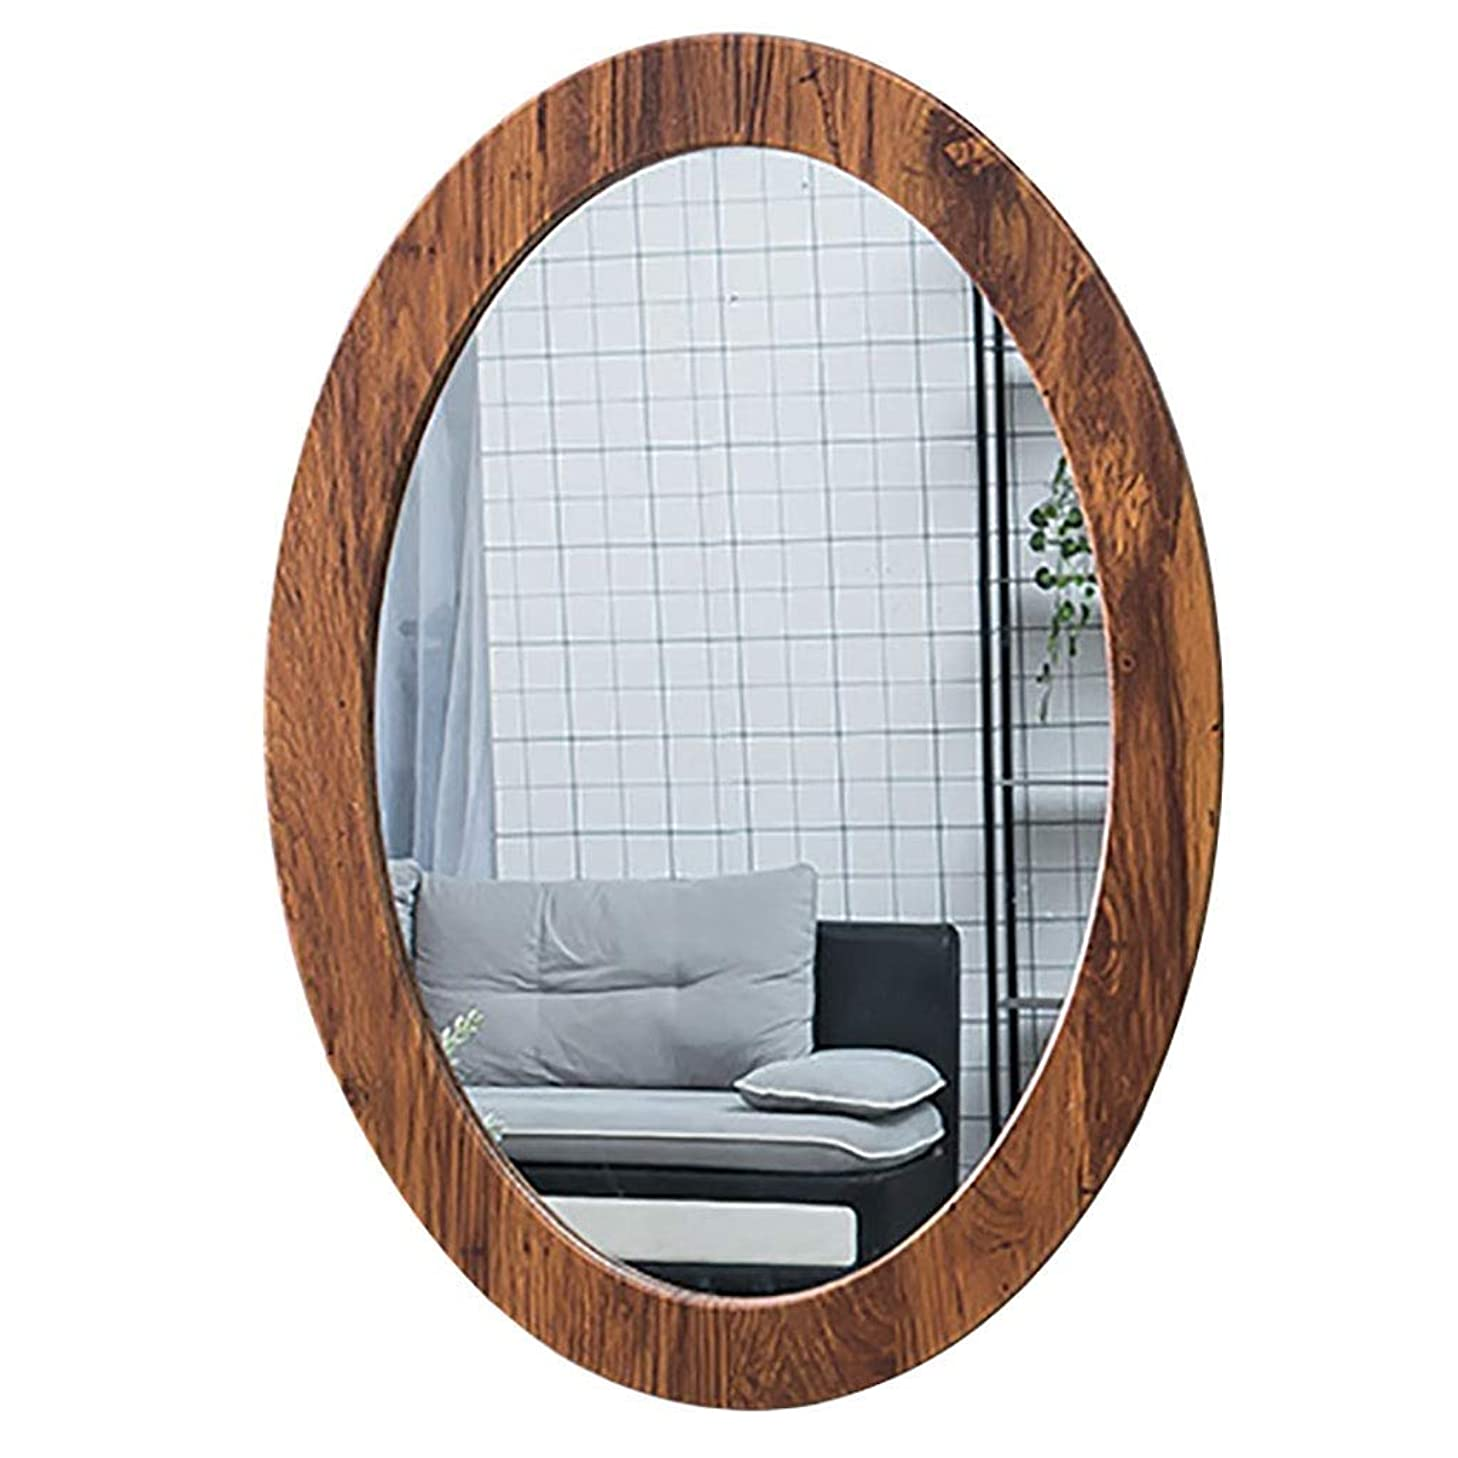 バケットキャビンアデレードSelm 浴室ミラー壁掛け、洗面化粧台オーバルpvcフレーム化粧鏡用浴室洗面所廊下 (Color : Wood Grain, Size : 40CMx60CM)